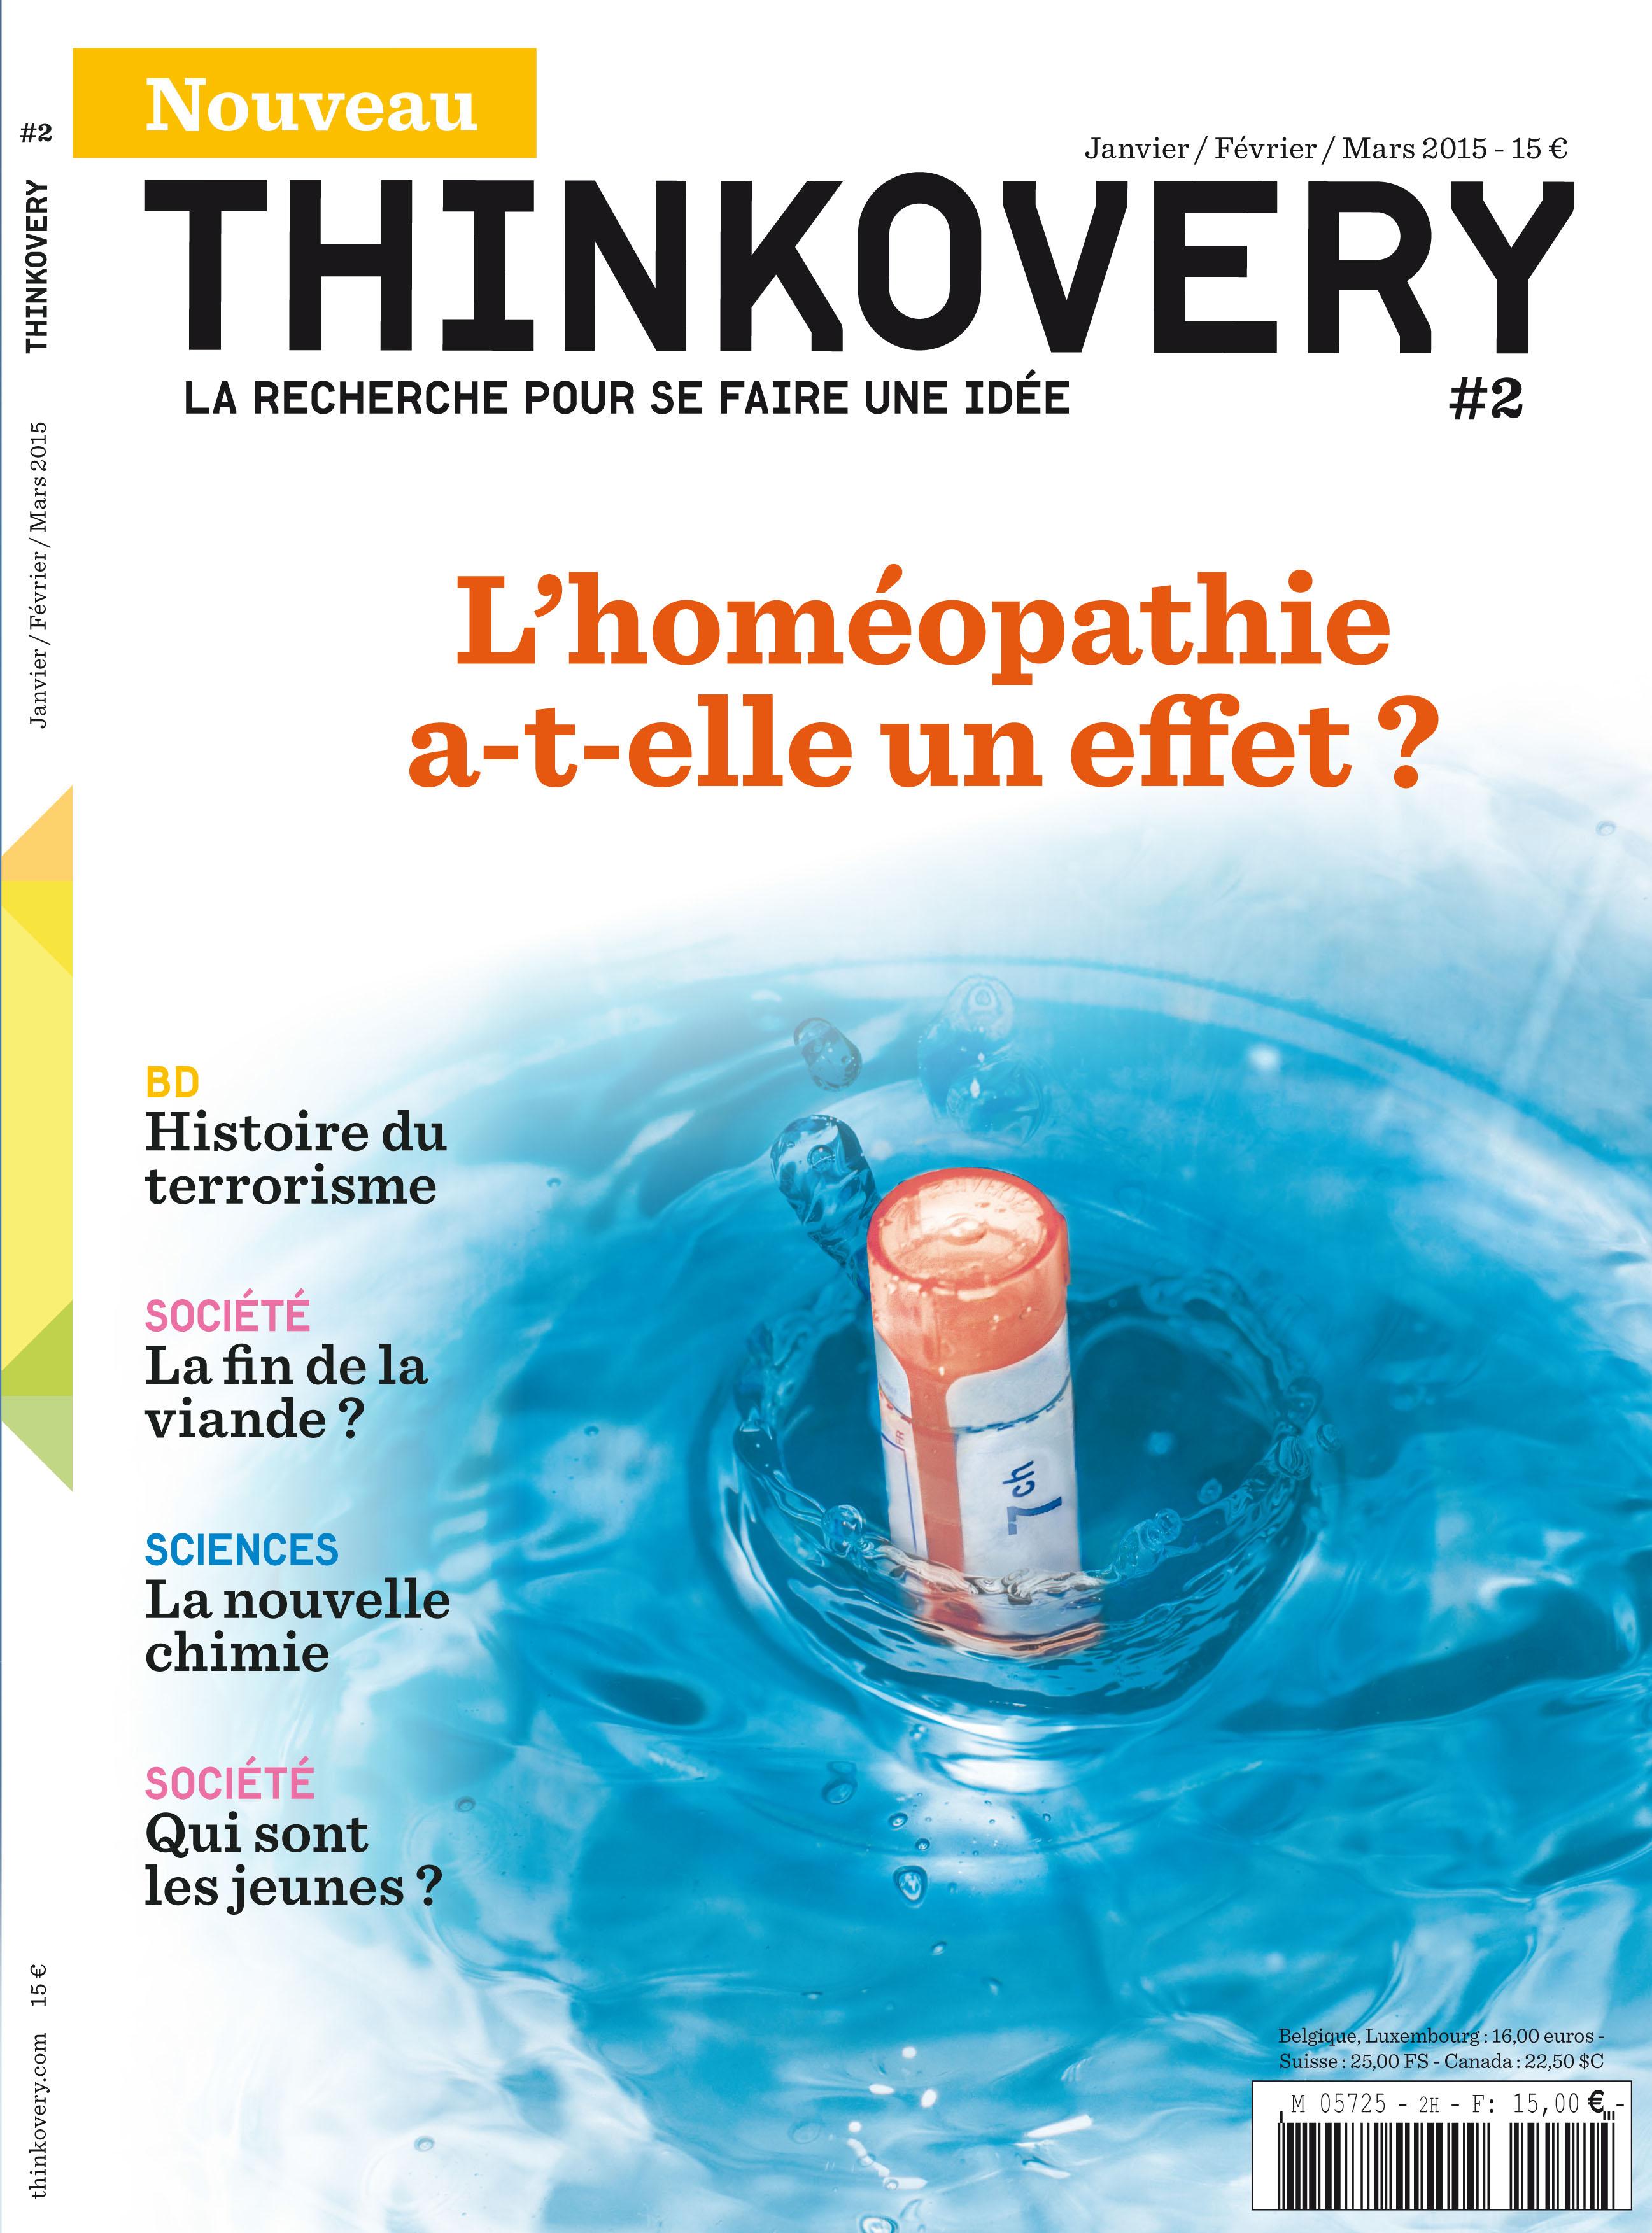 Découvrez Thinkovery, le magazine pour comprendre le monde d'aujourd'hui